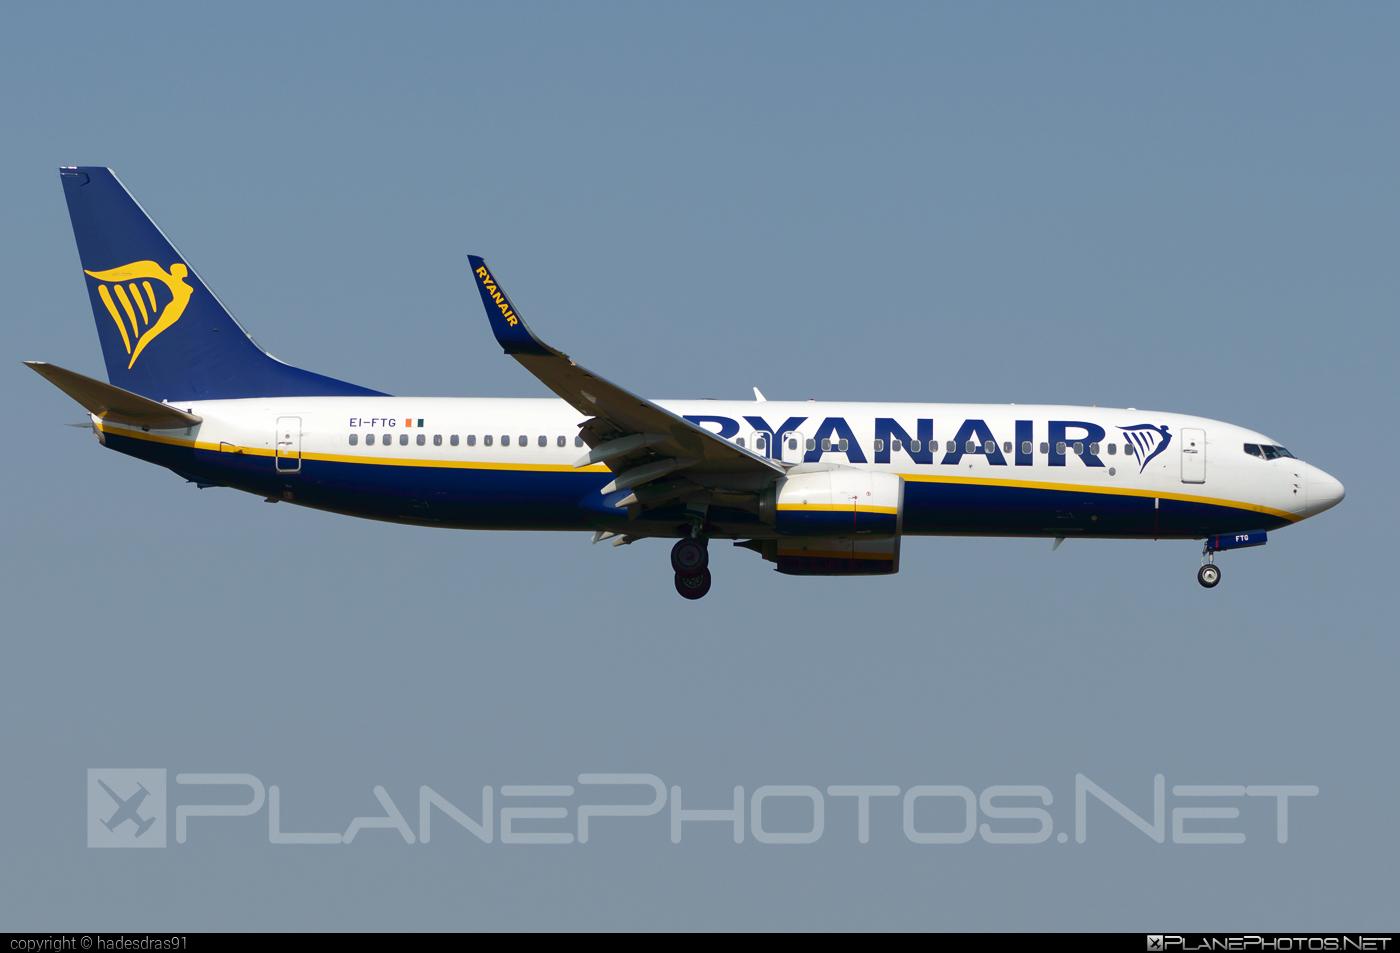 Boeing 737-800 - EI-FTG operated by Ryanair #b737 #b737nextgen #b737ng #boeing #boeing737 #ryanair